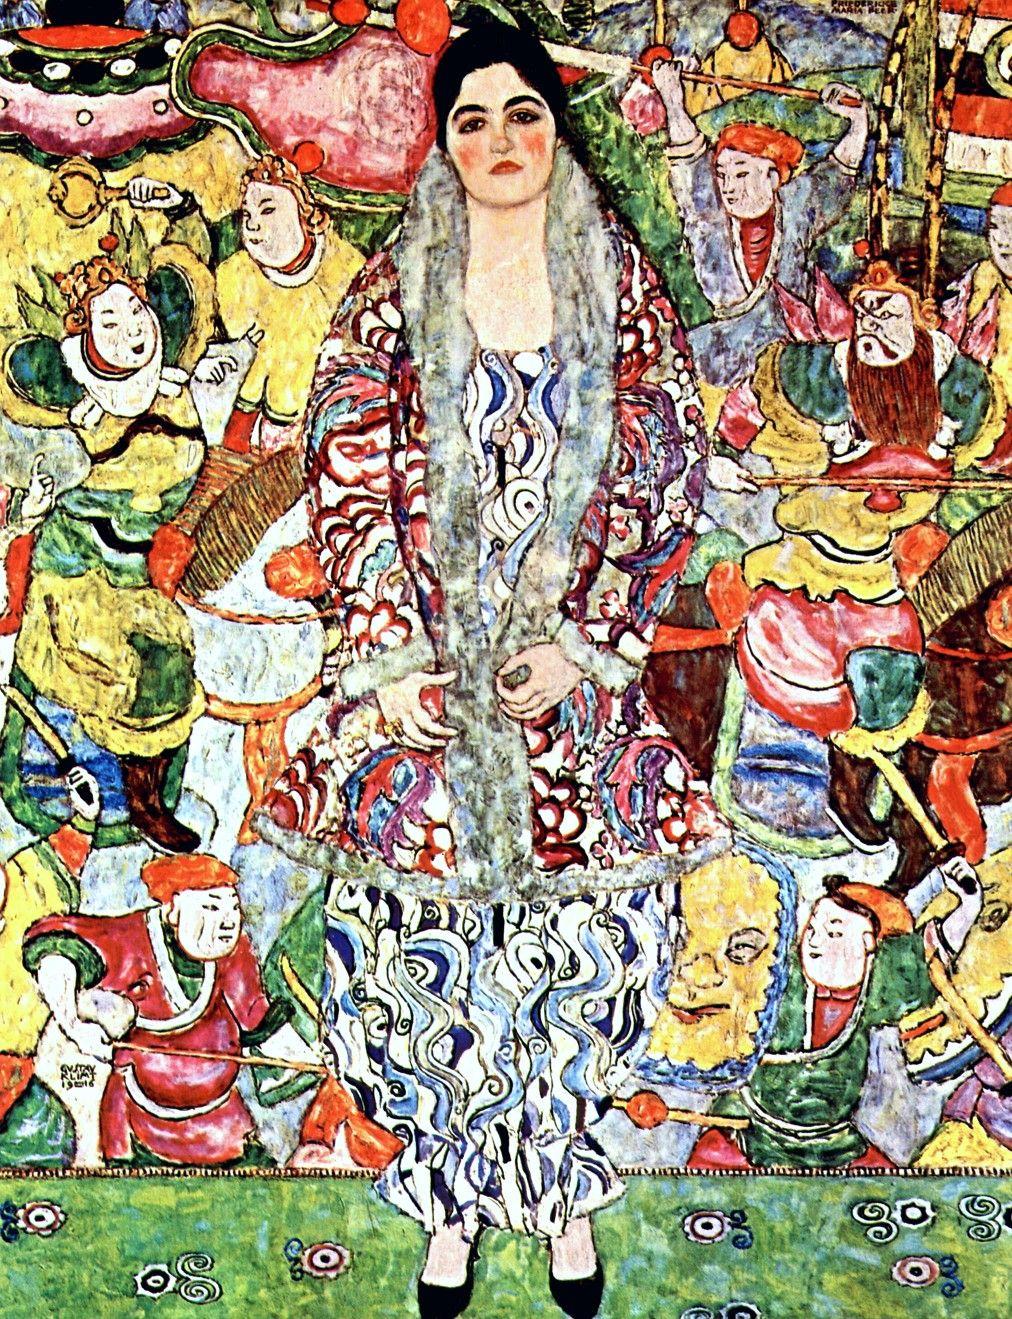 Gustav Klimt: Ritratto di Friederike Maria Beer (1916) olio su tela 168x130. Stile: Art Nouveau. Periodo: Opere mature